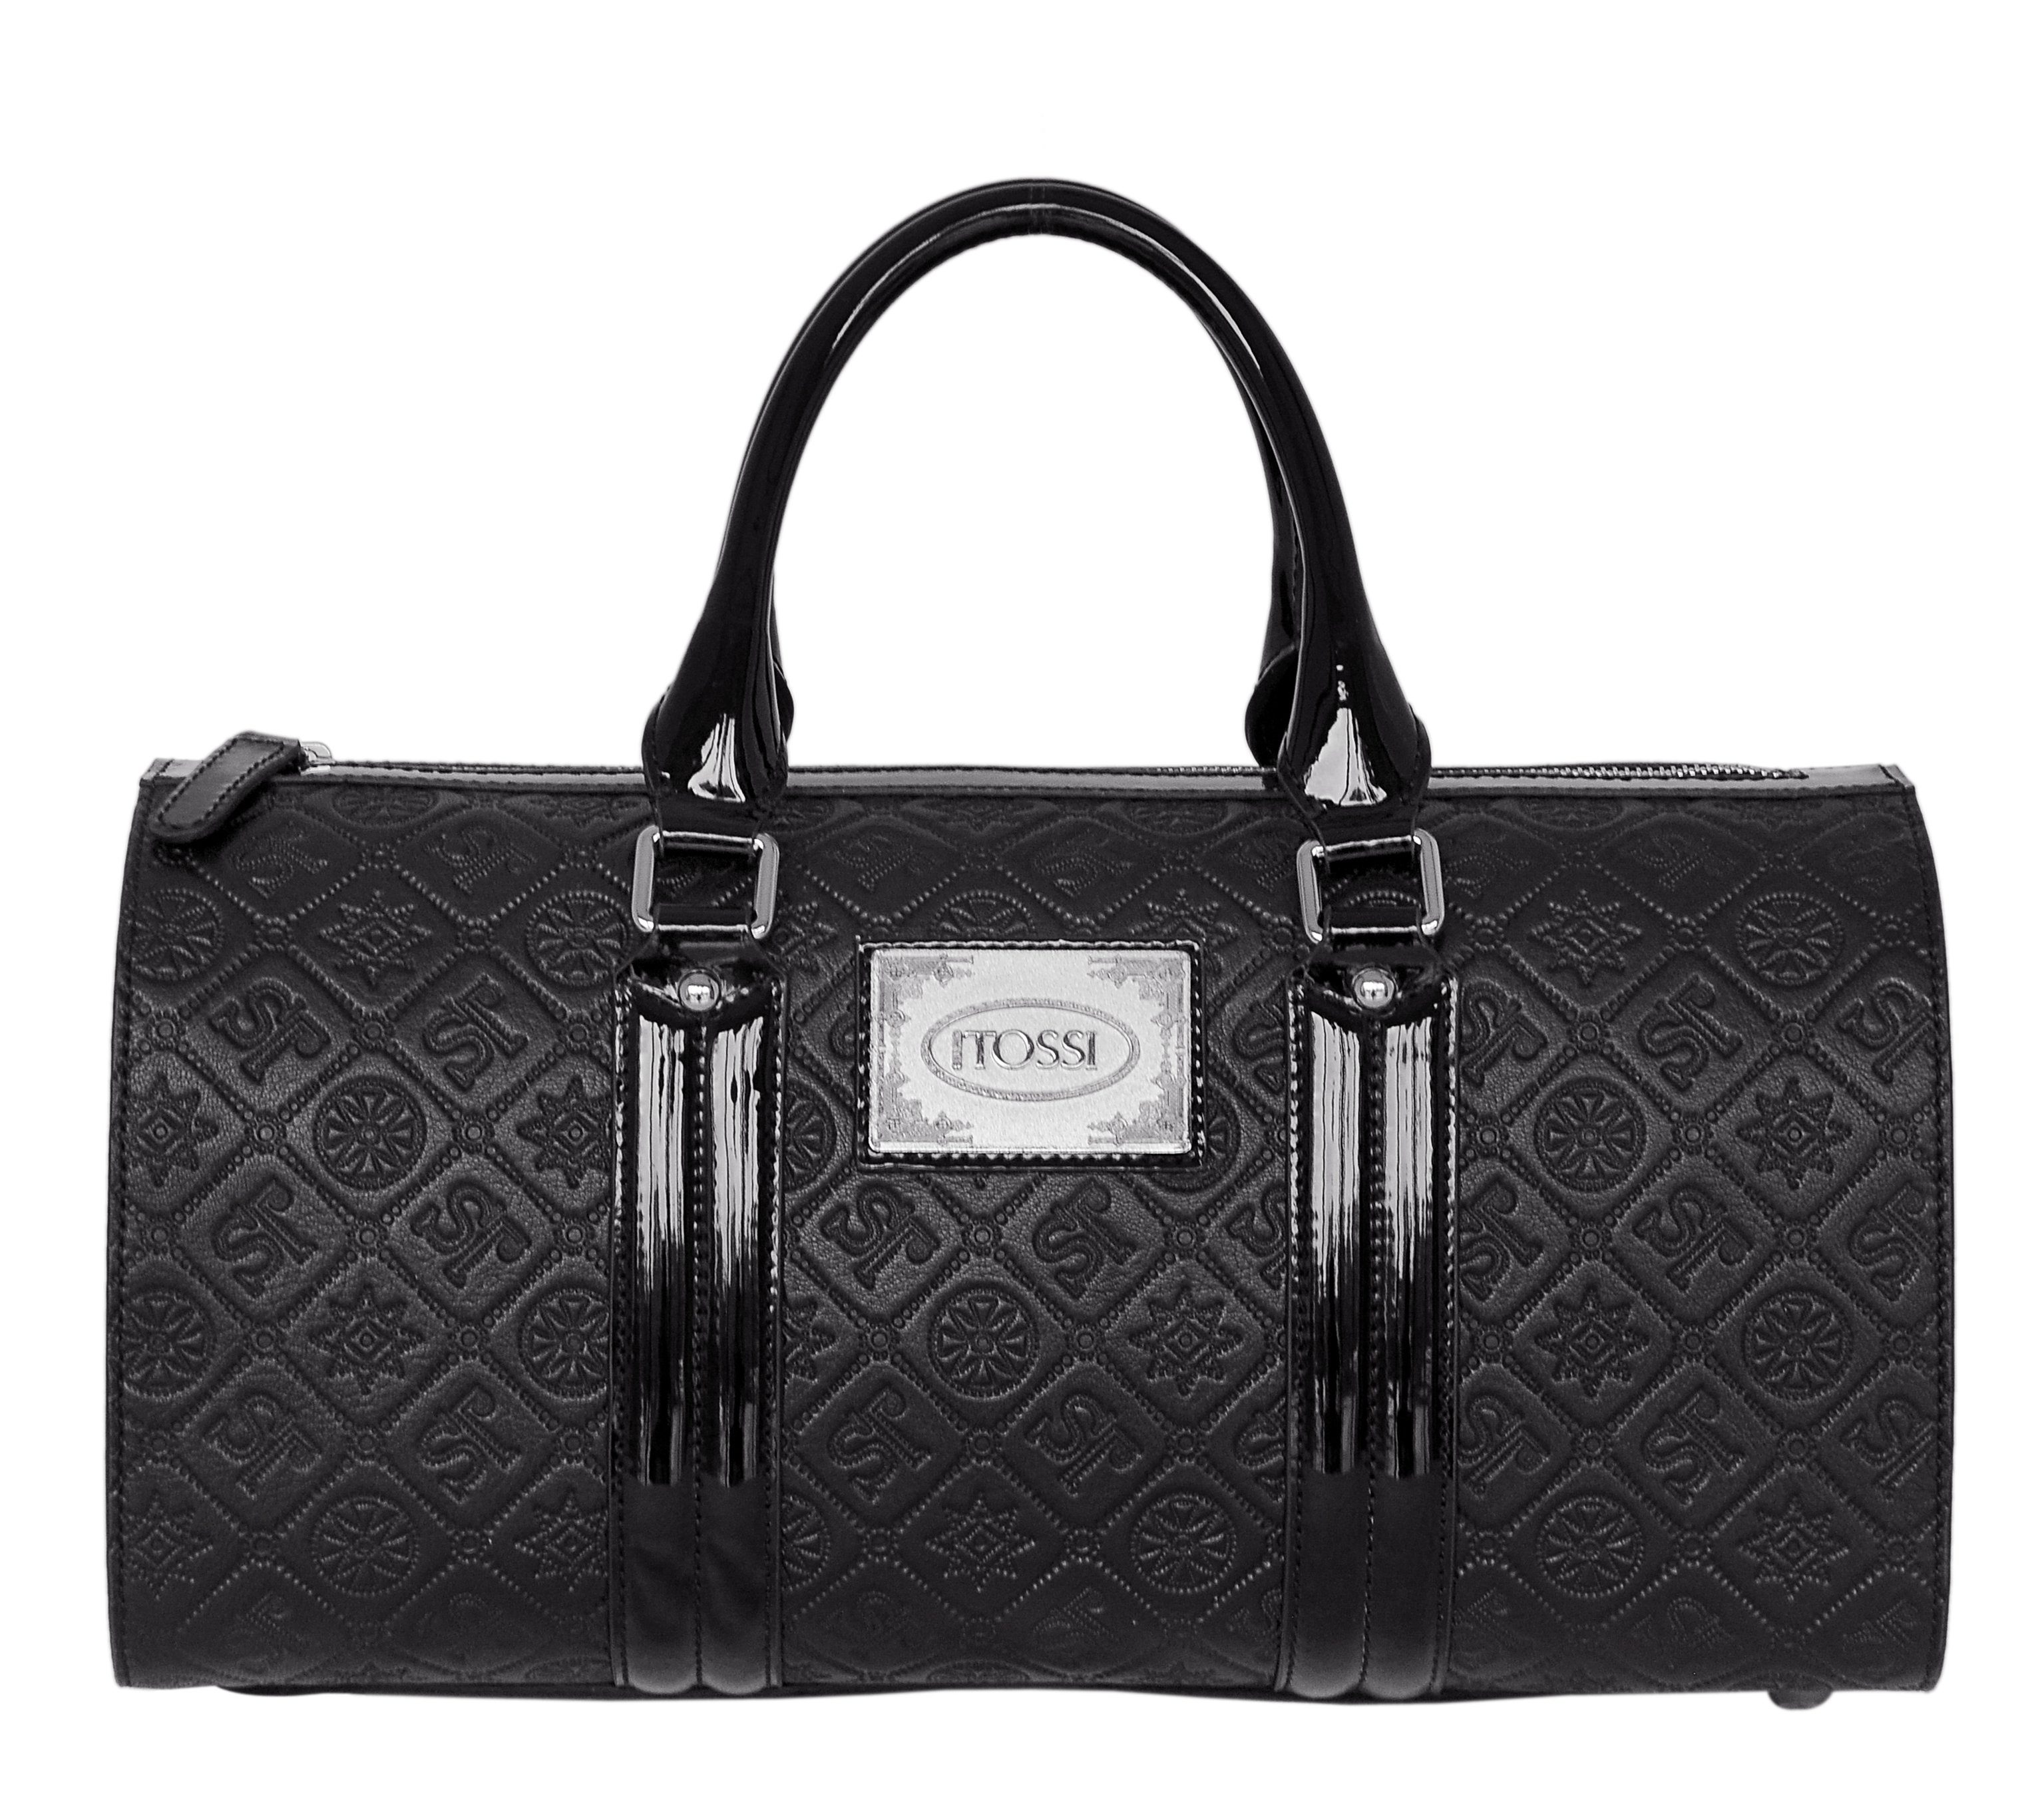 Silvio Tossi Lederhandtasche mit Markenprägung